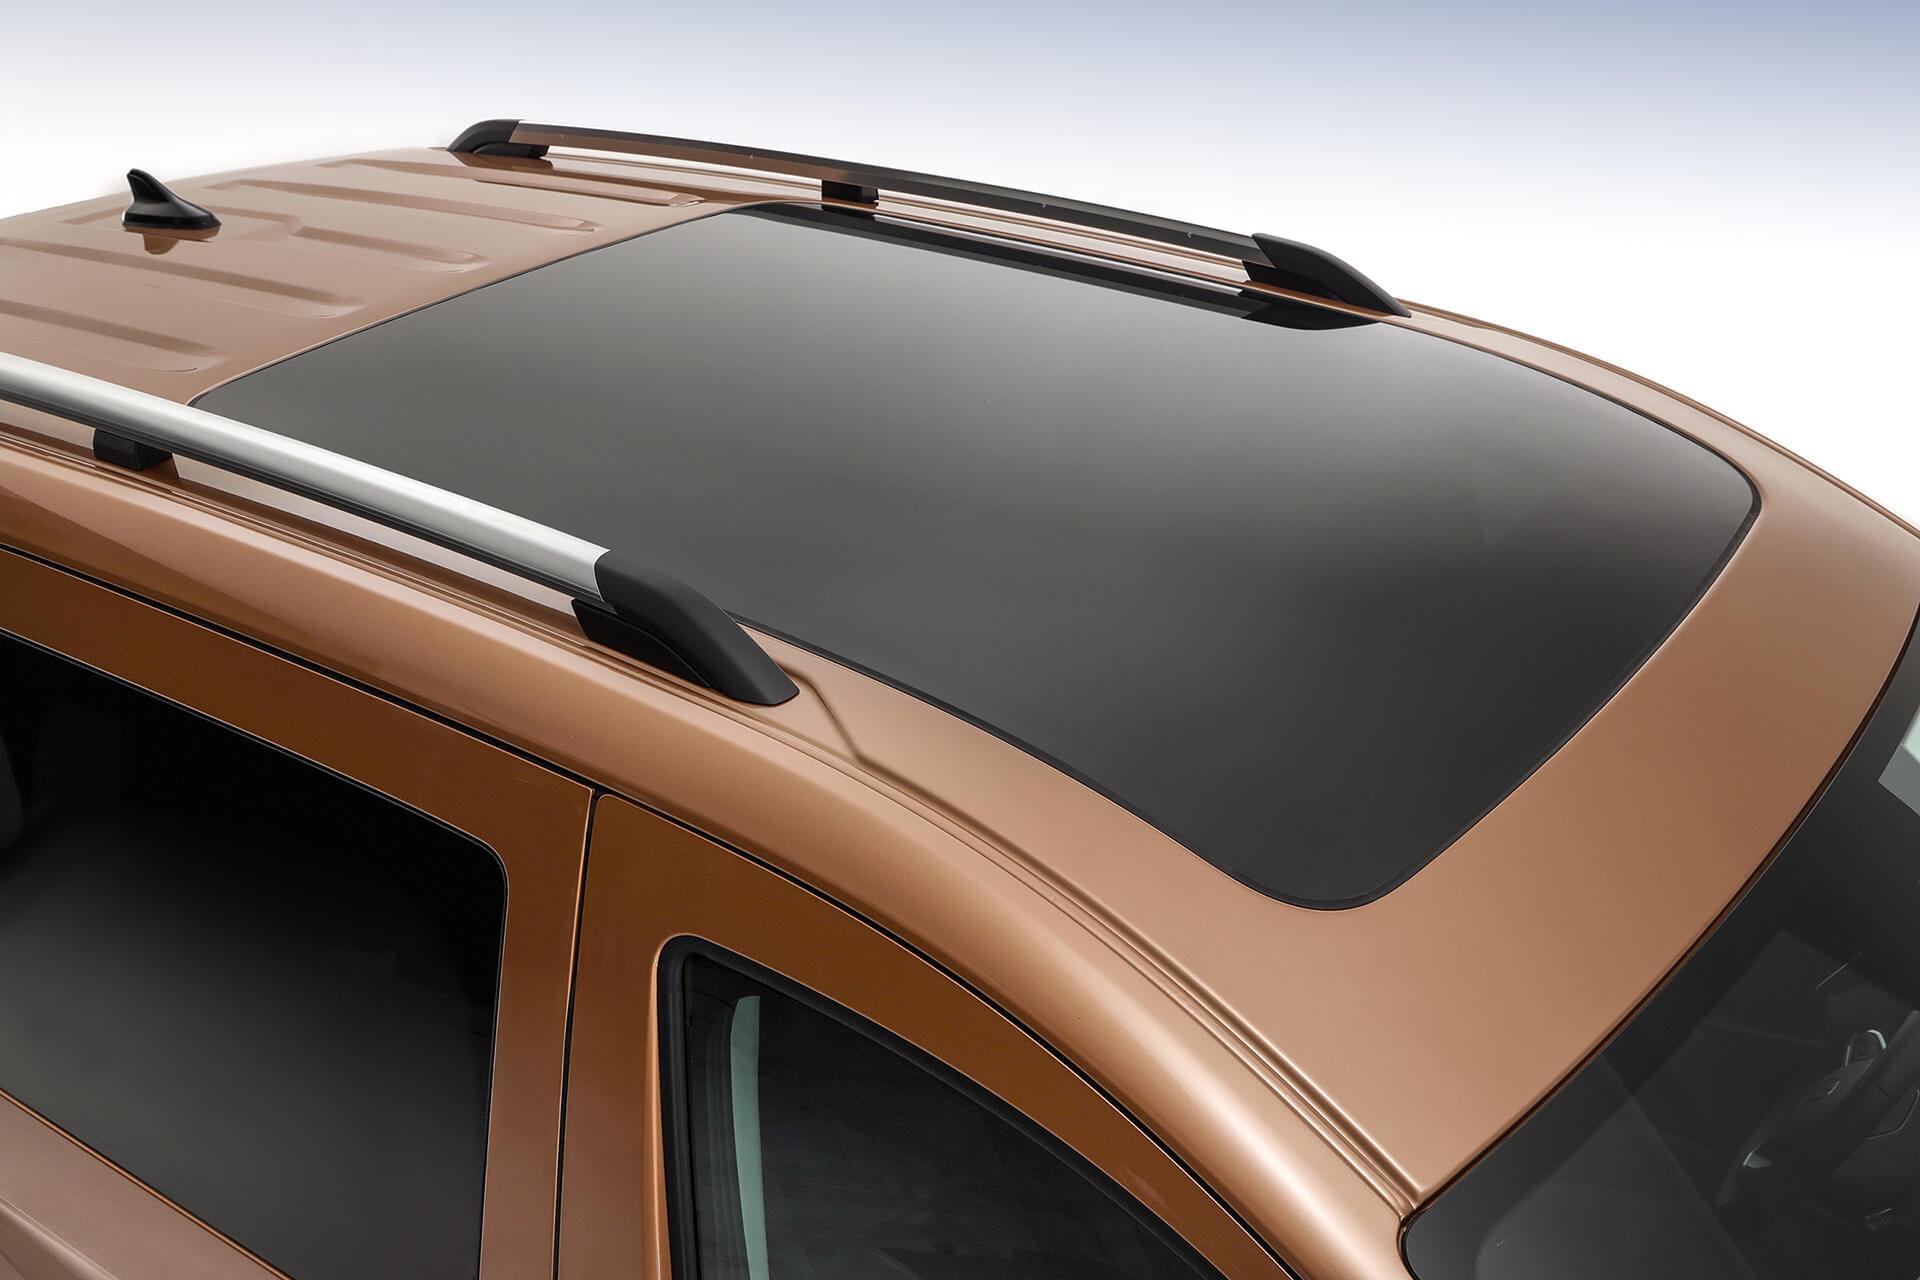 Νέο Volkswagen Caddy - Μεγάλη πανοραμική ηλιοροφή 1,4 τ.μ.